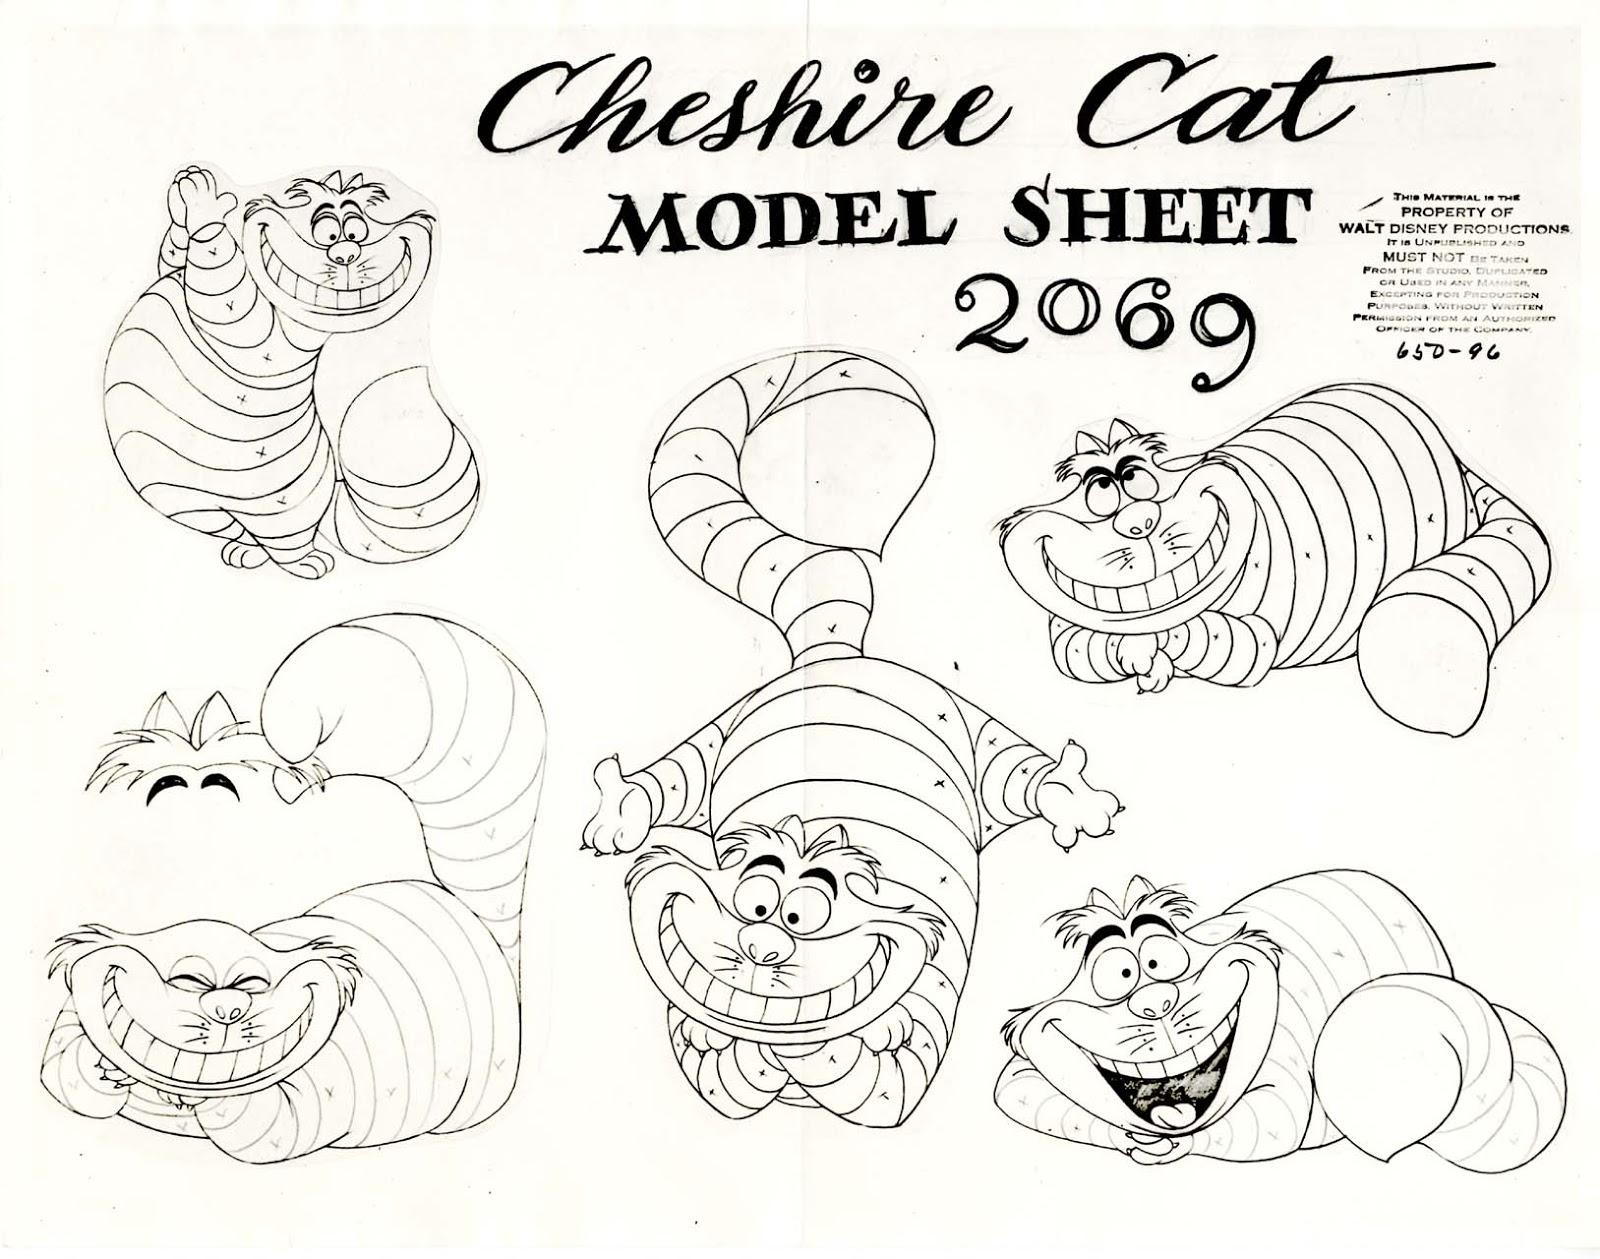 model sheet cheshire cat